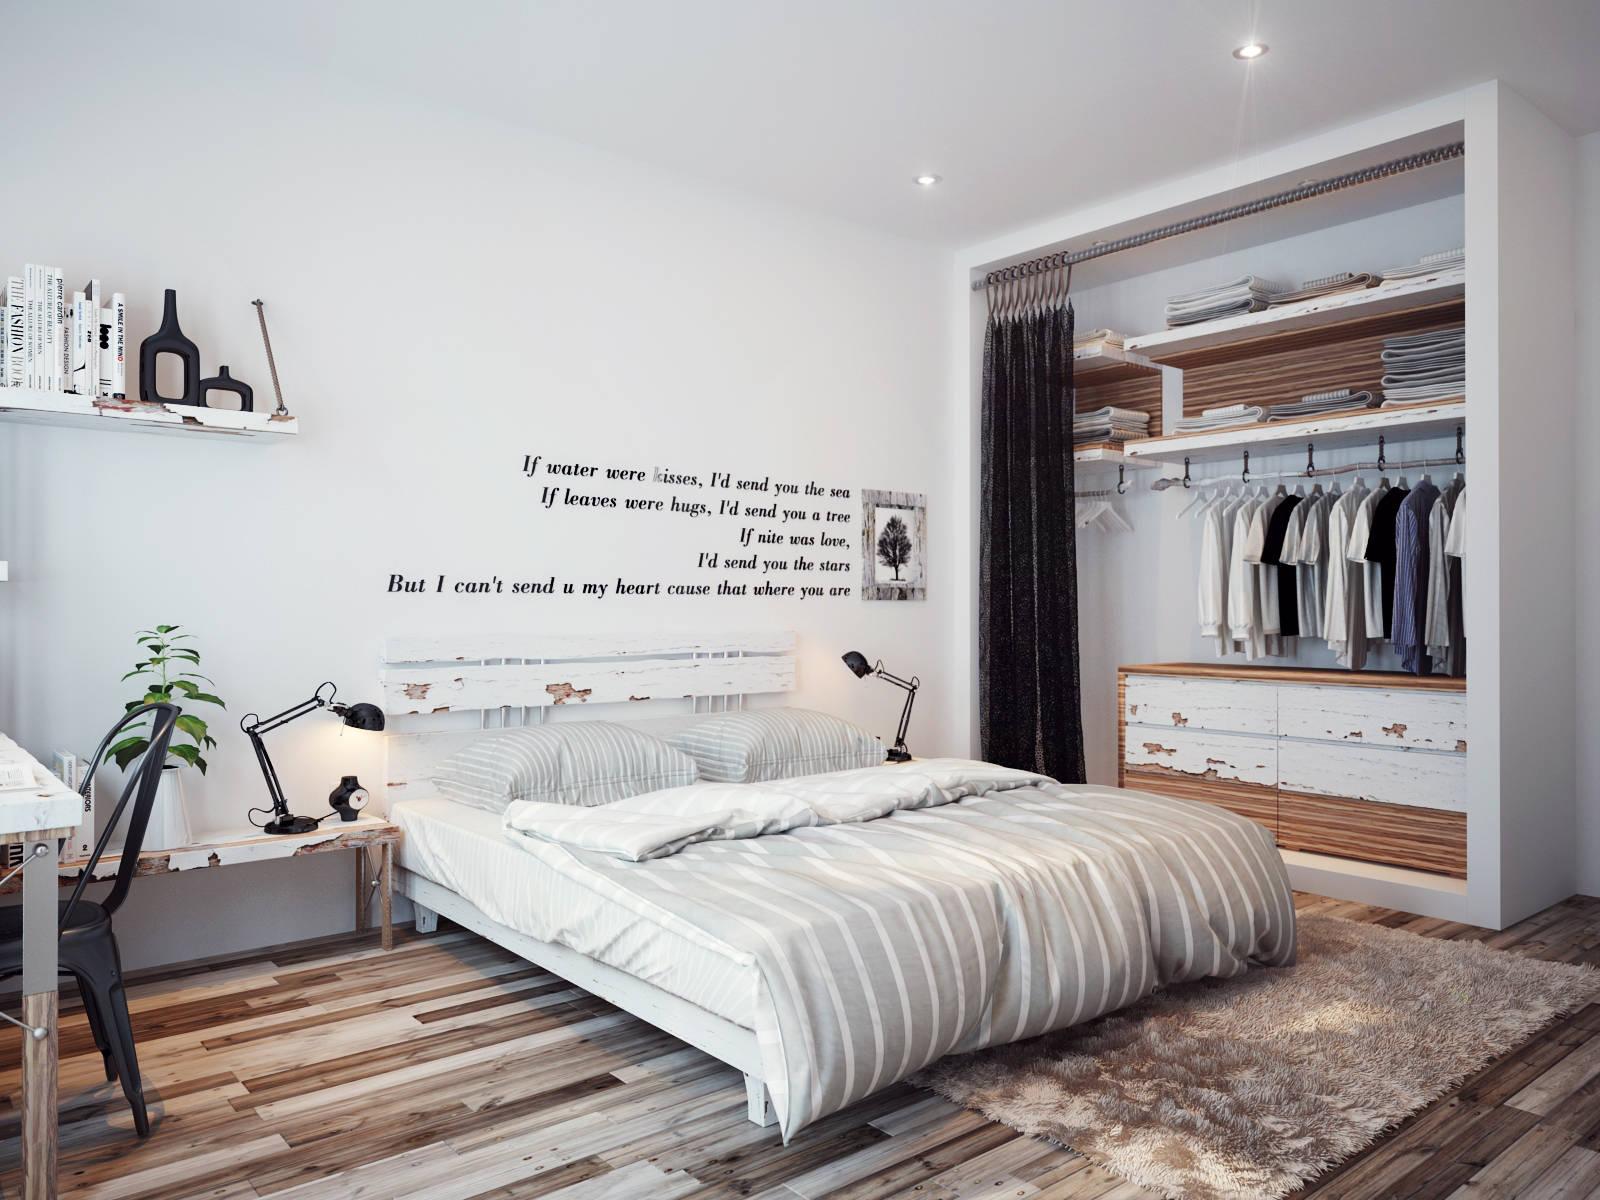 soveværelse-væg-citat